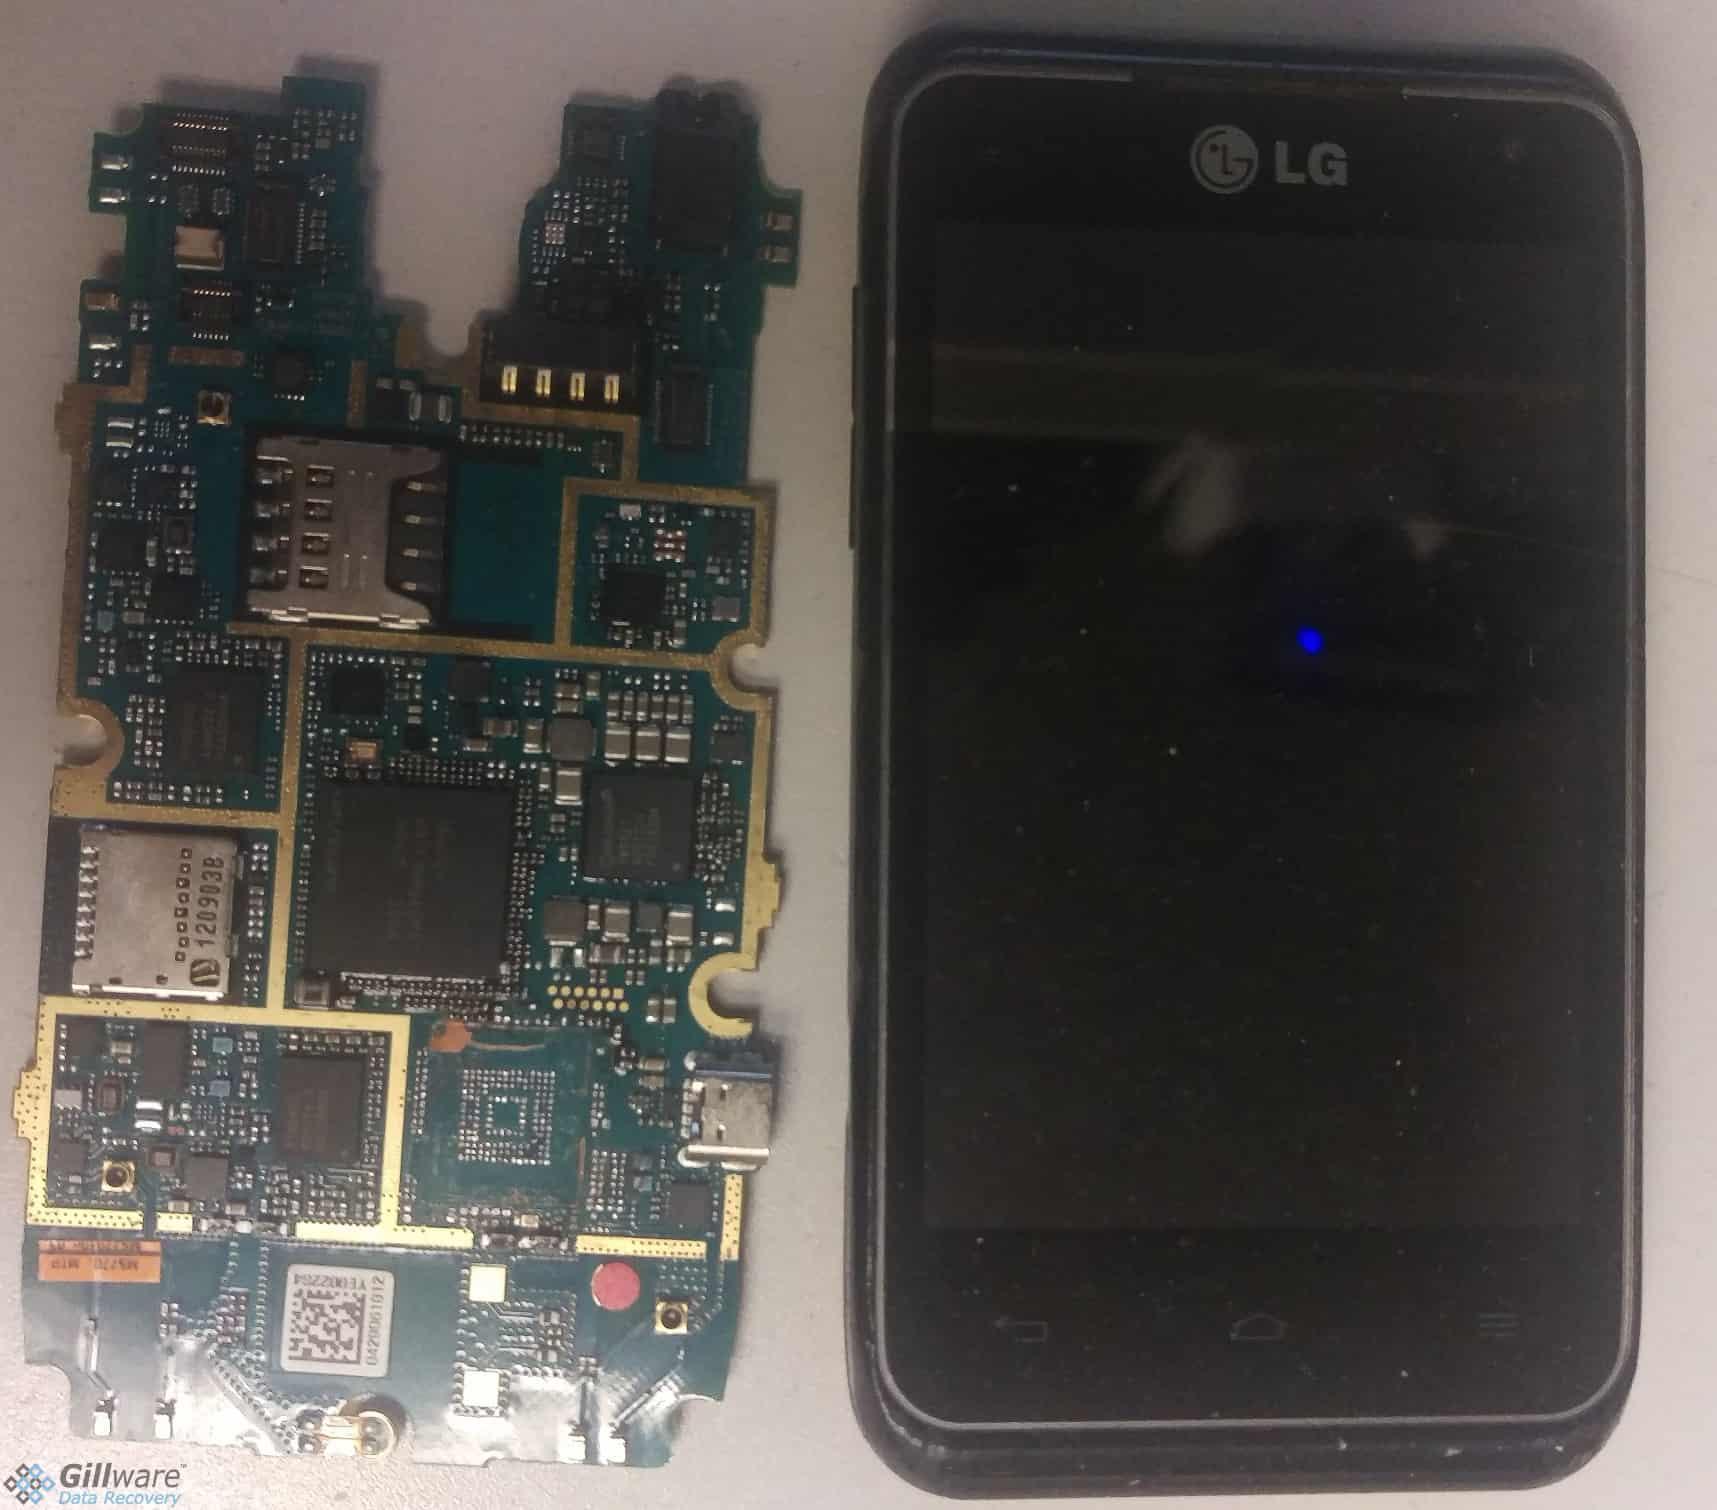 PhoneGillware2